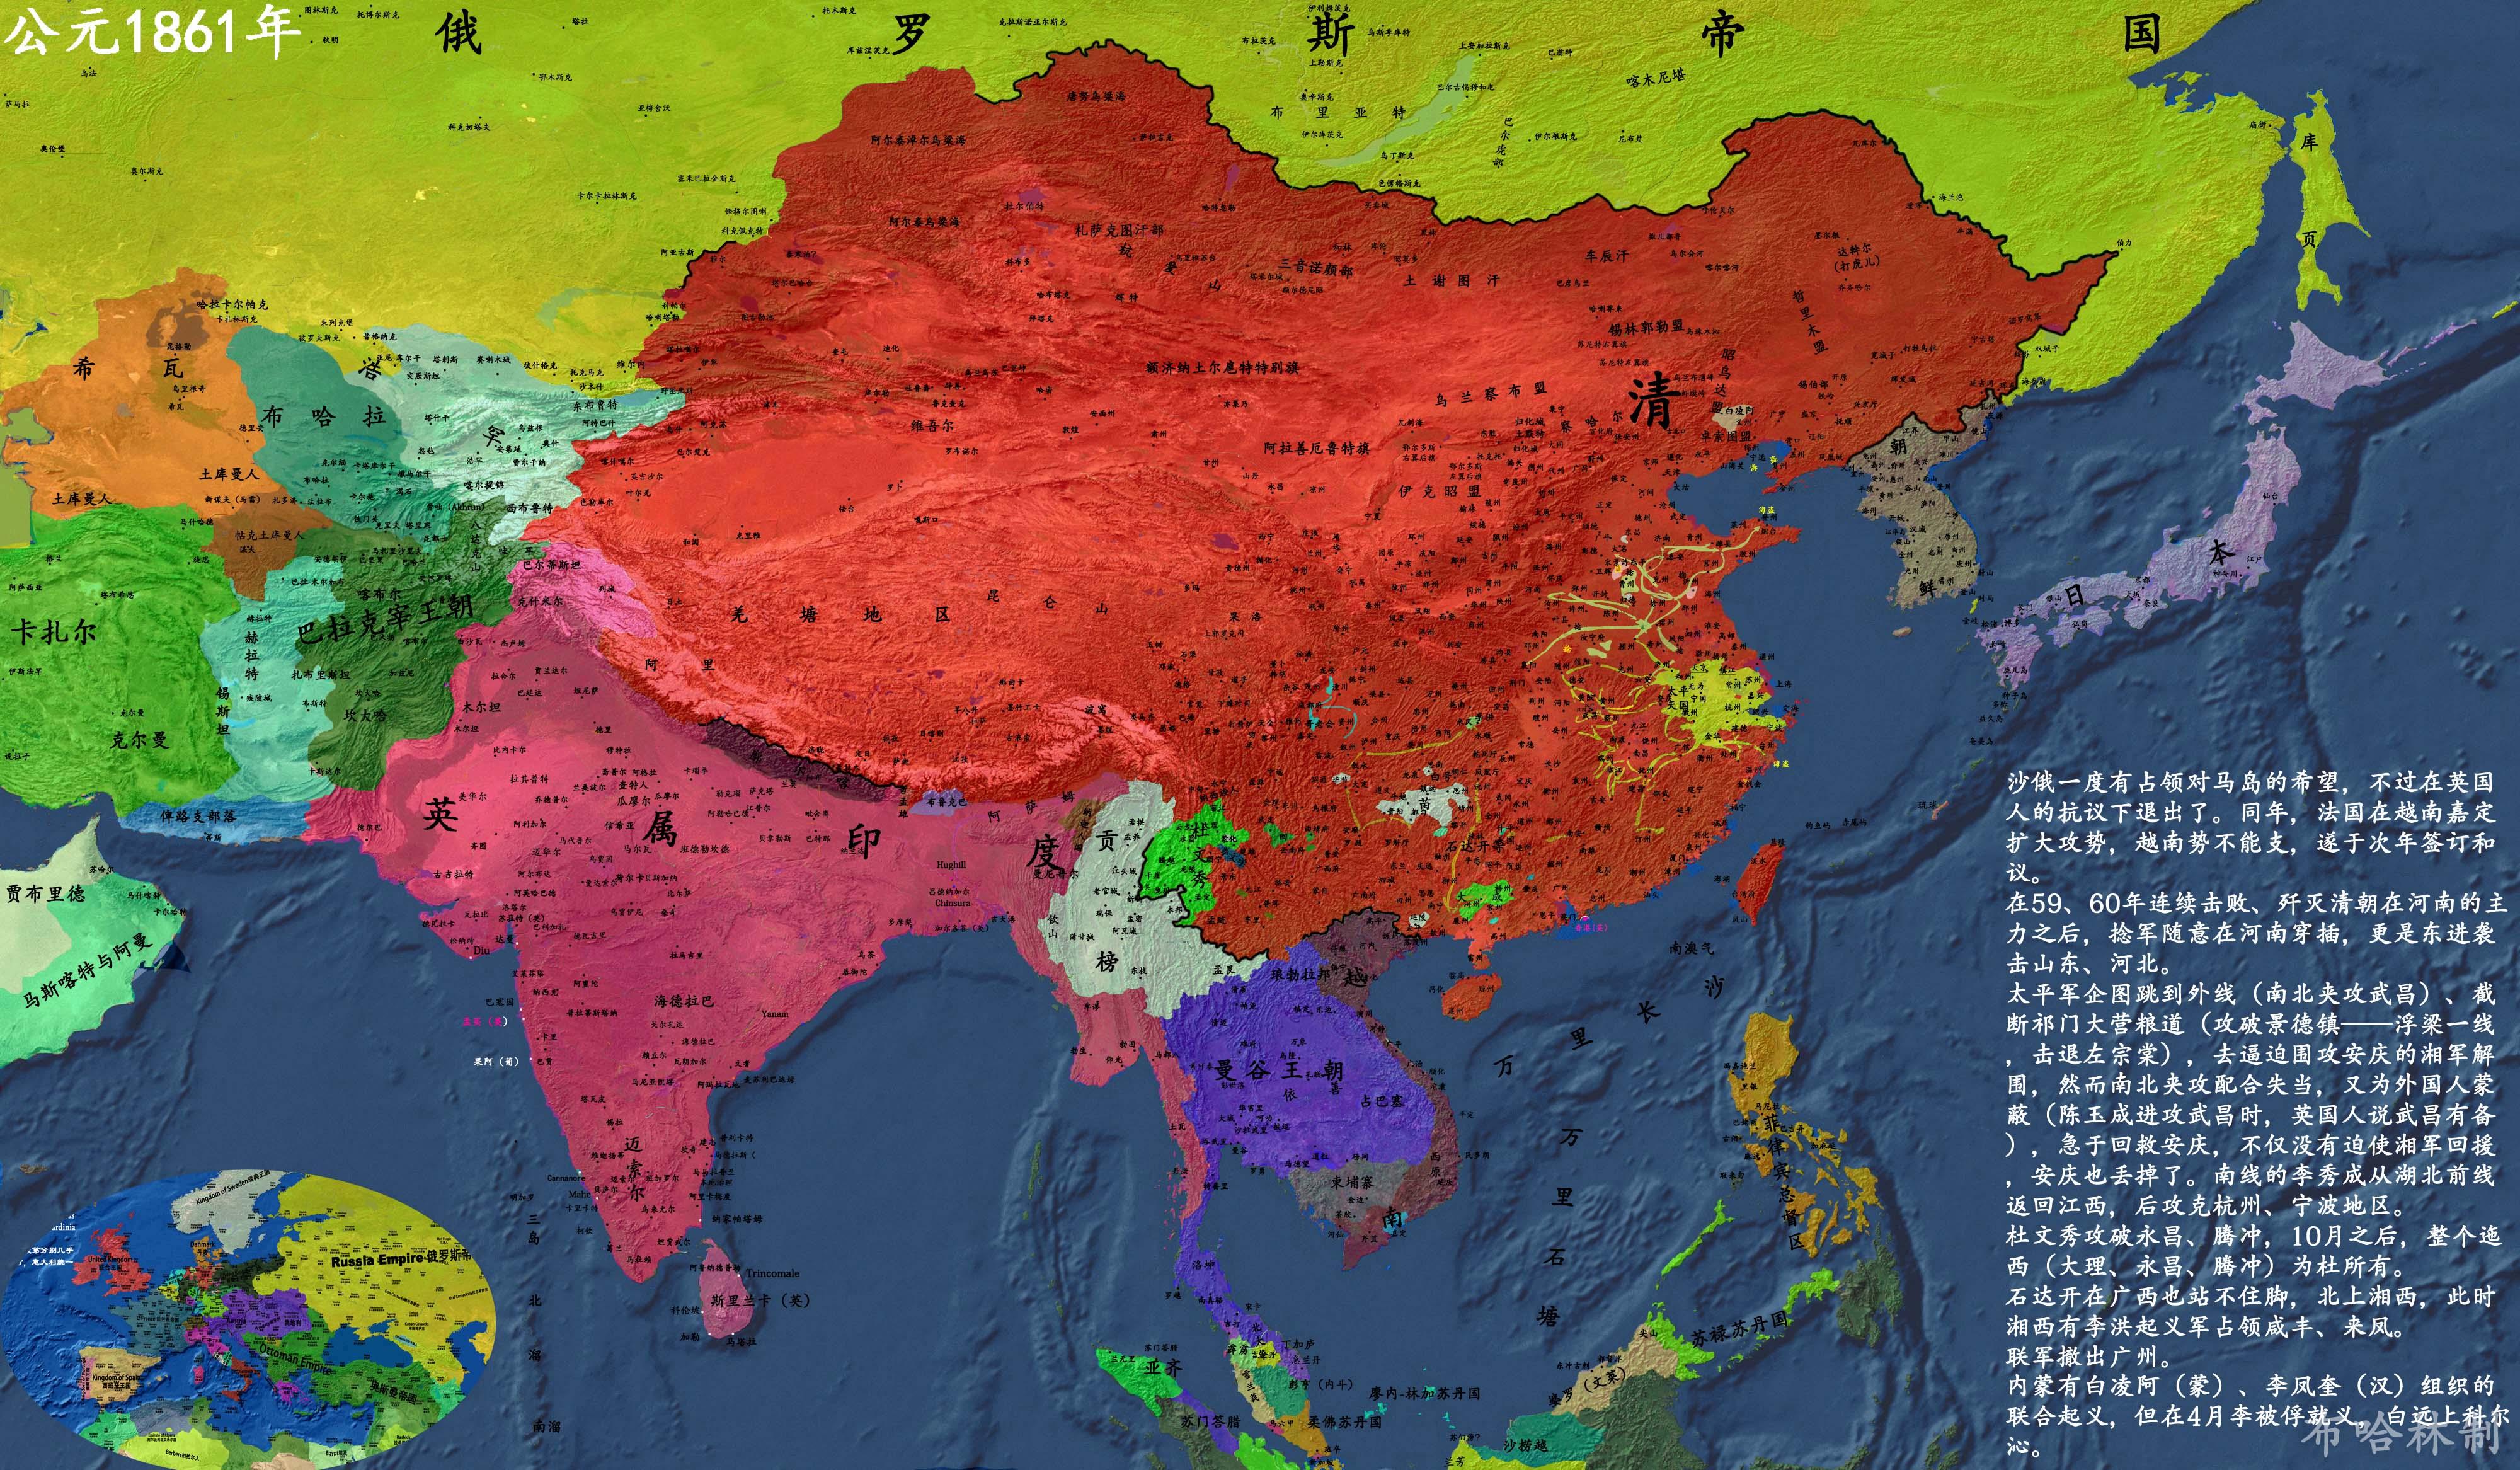 详细中国历史地图版本3--同治中.